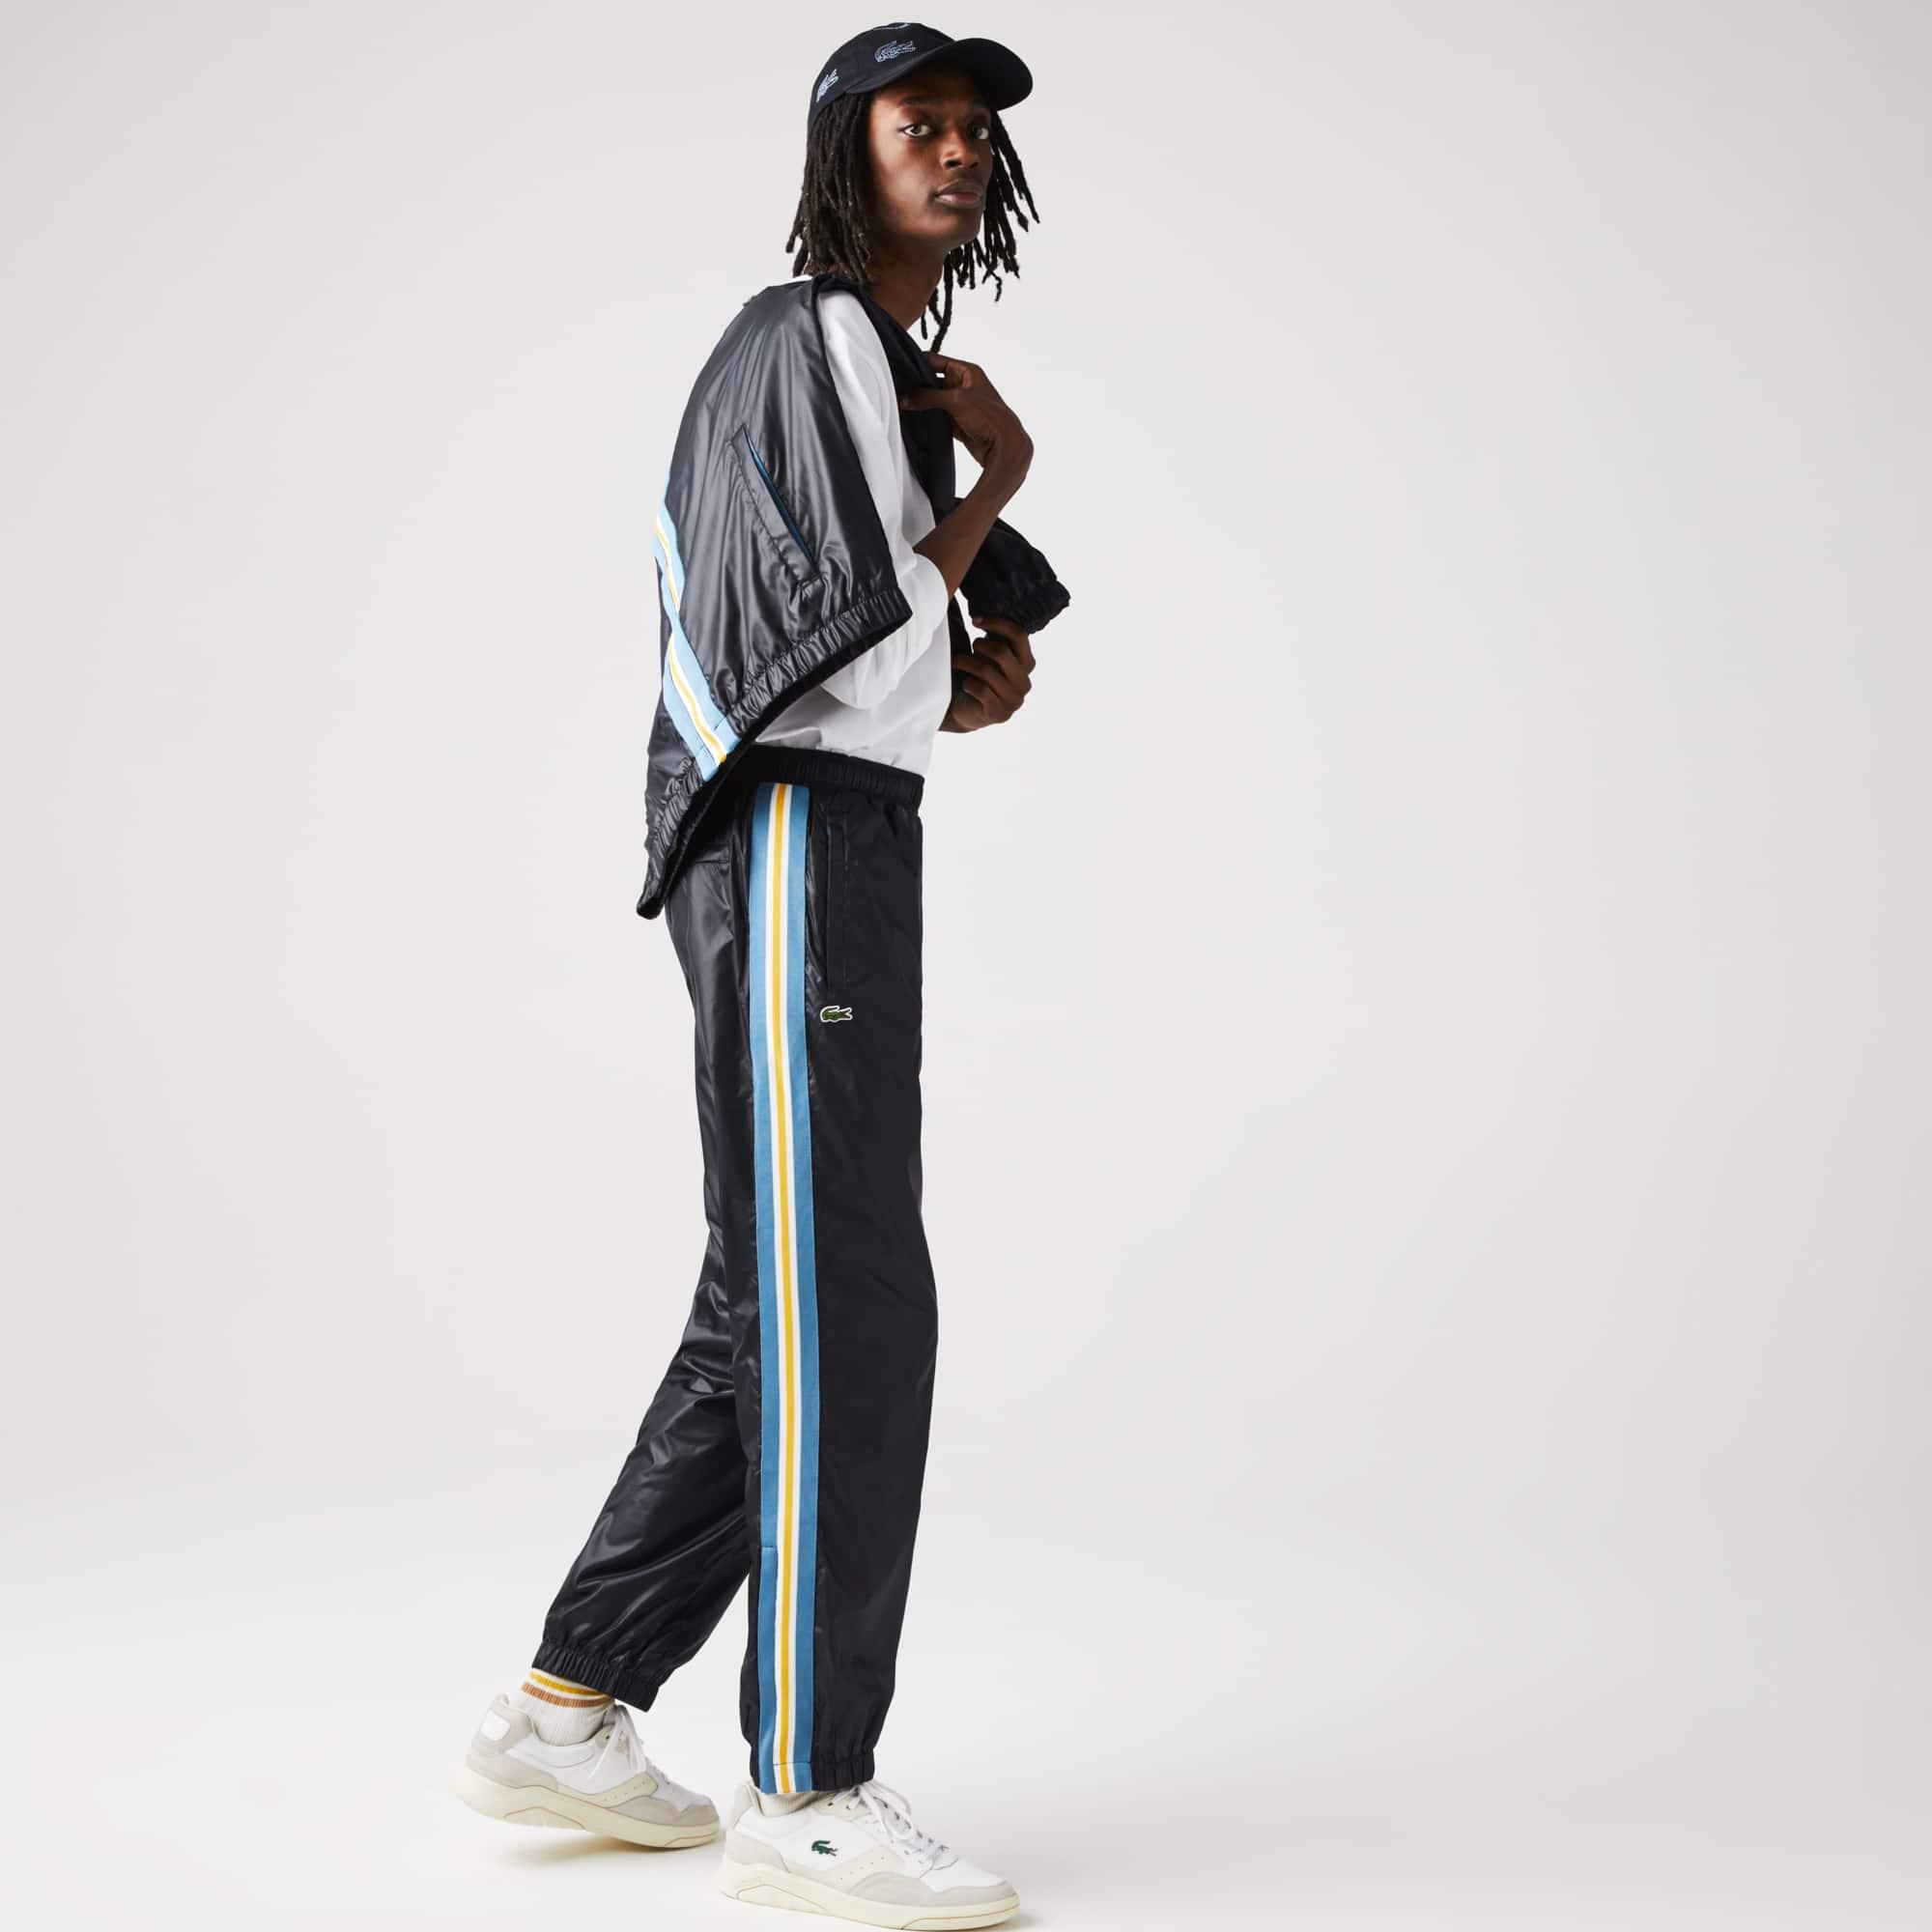 라코스테 트랙 팬츠 Lacoste Men's Heritage Water-Resistant Track Pants